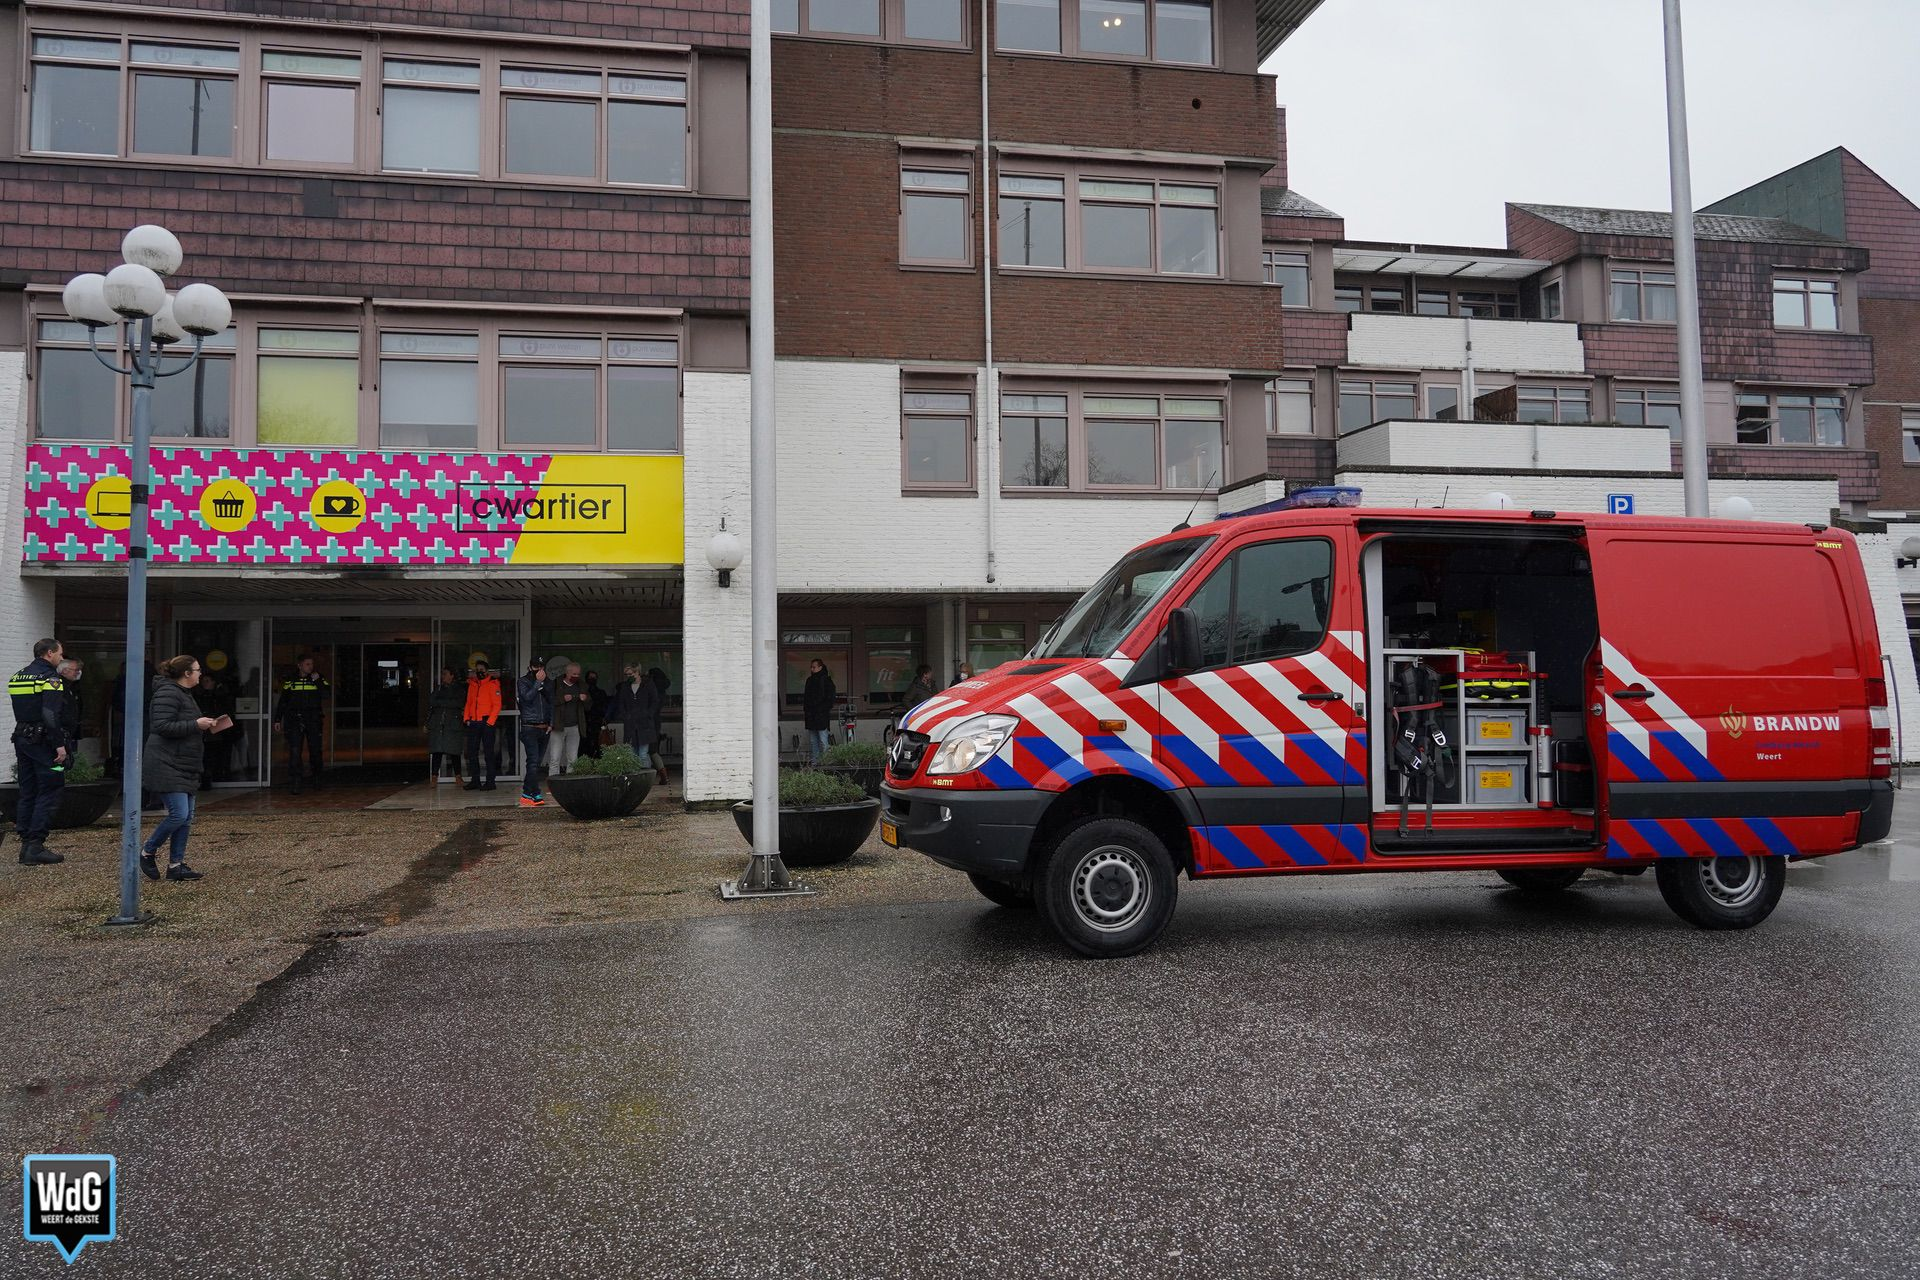 Brandweer rukt uit voor te lang verwarmde croissant in Cwartier